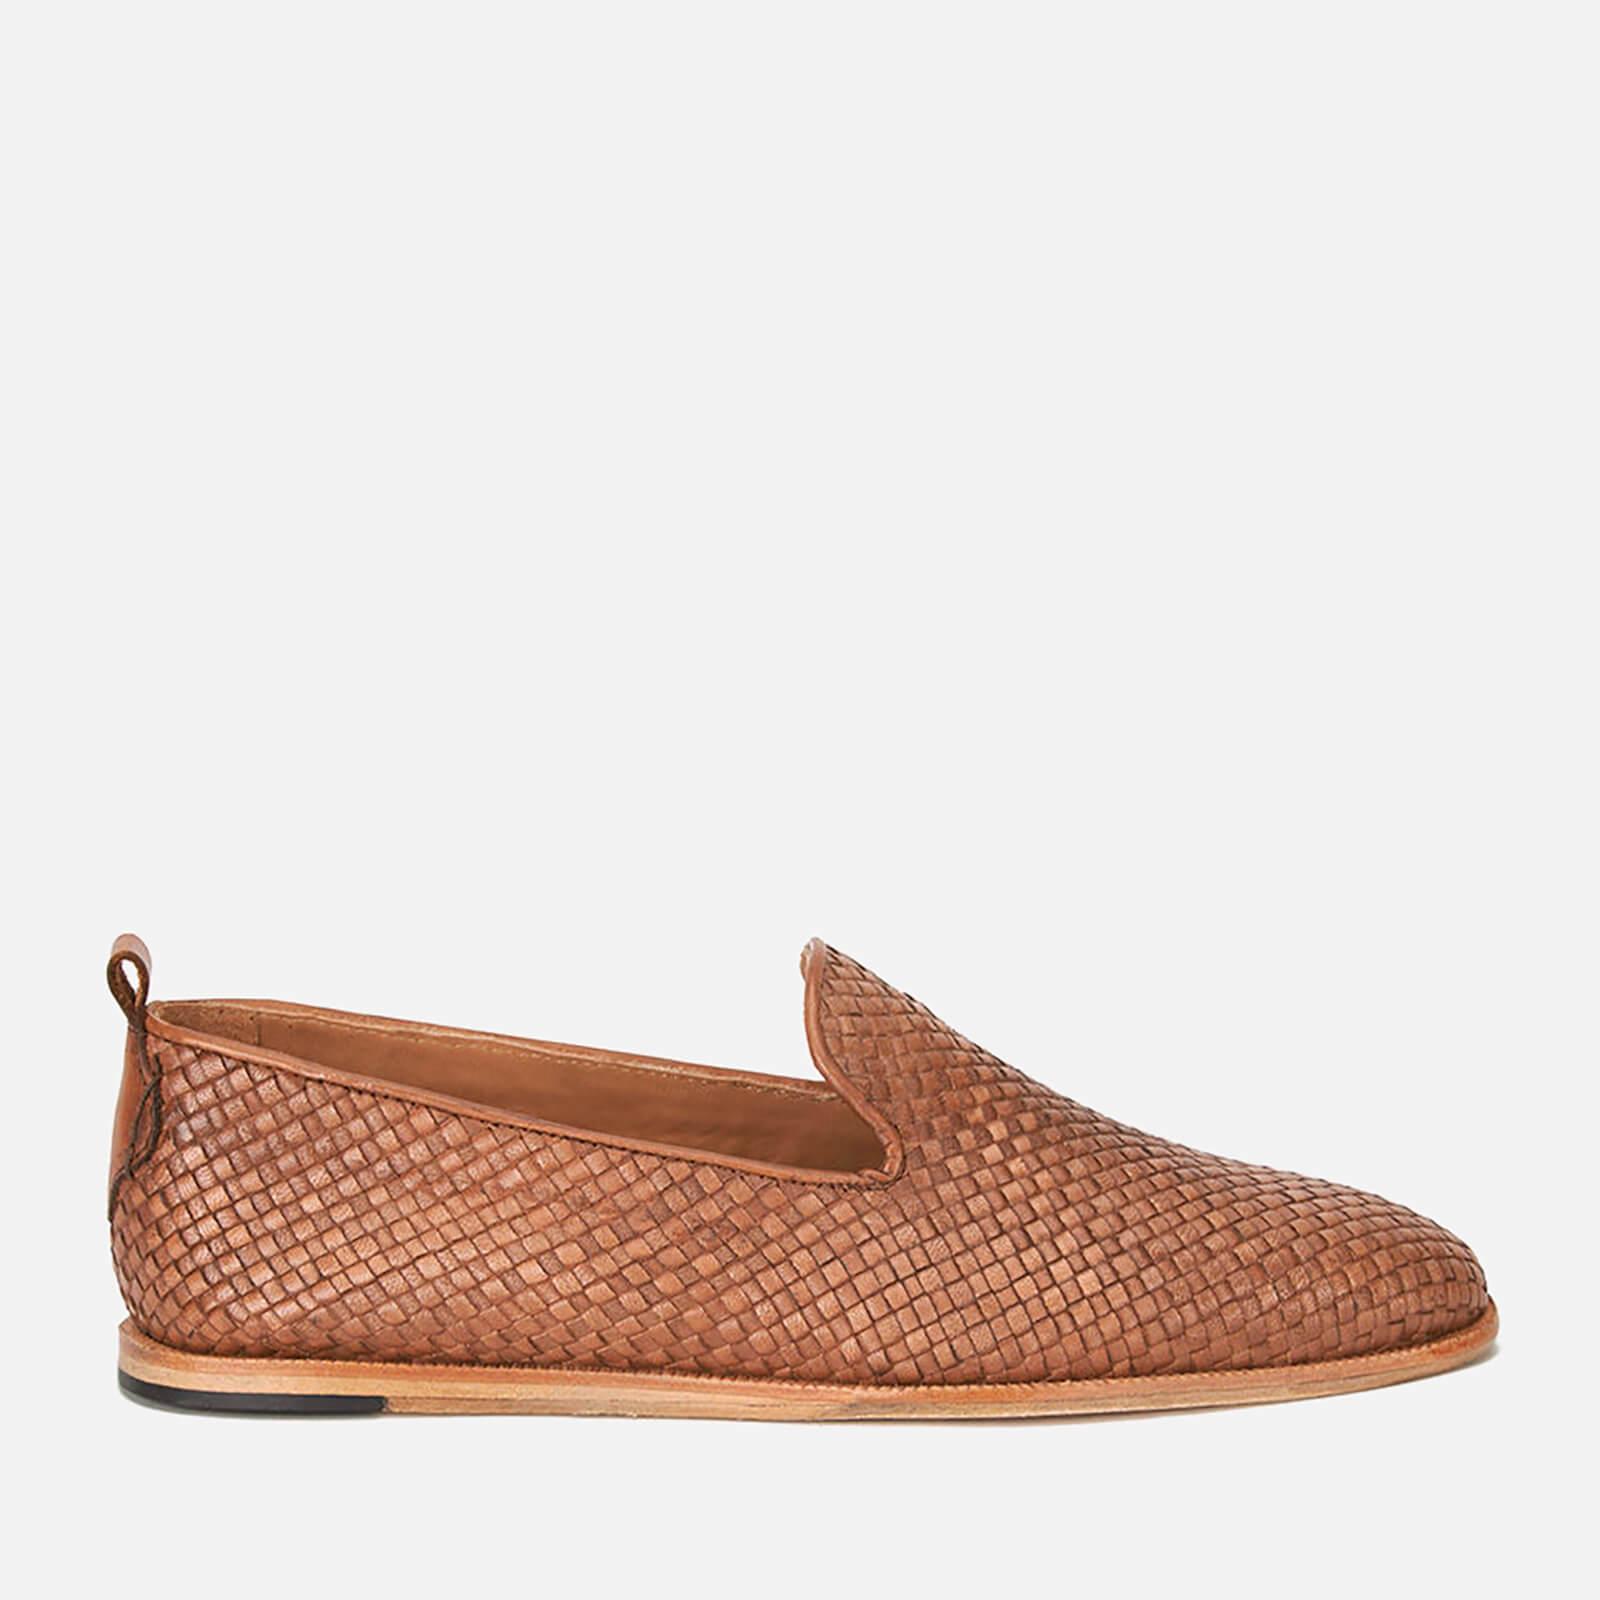 Hudson London Men's Ipanema Weave Slip on Leather Shoes - Tan - UK 11 - Tan